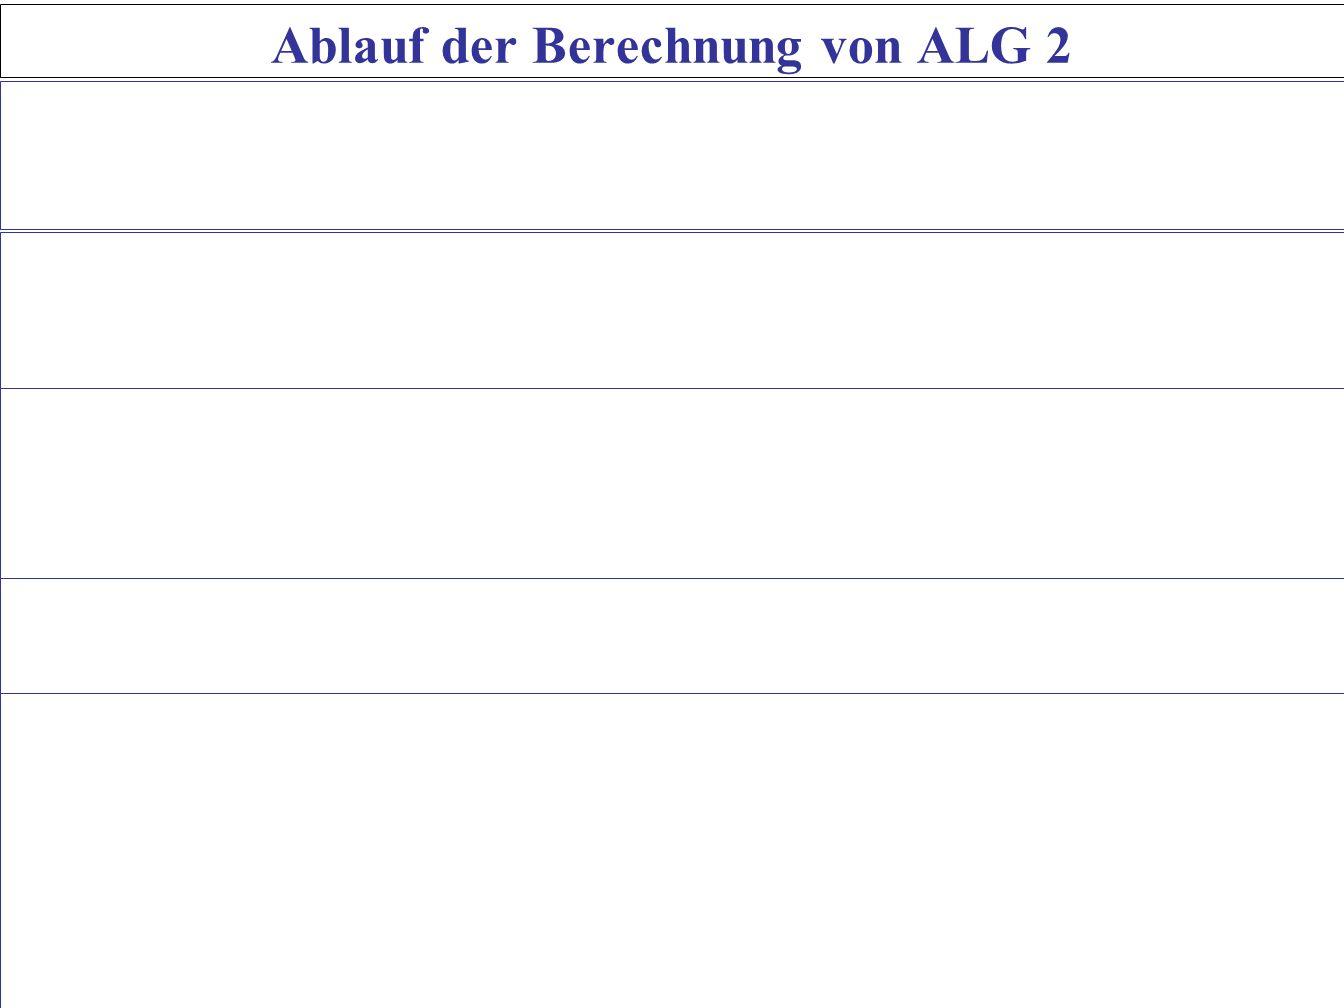 Ablauf der Berechnung von ALG 2